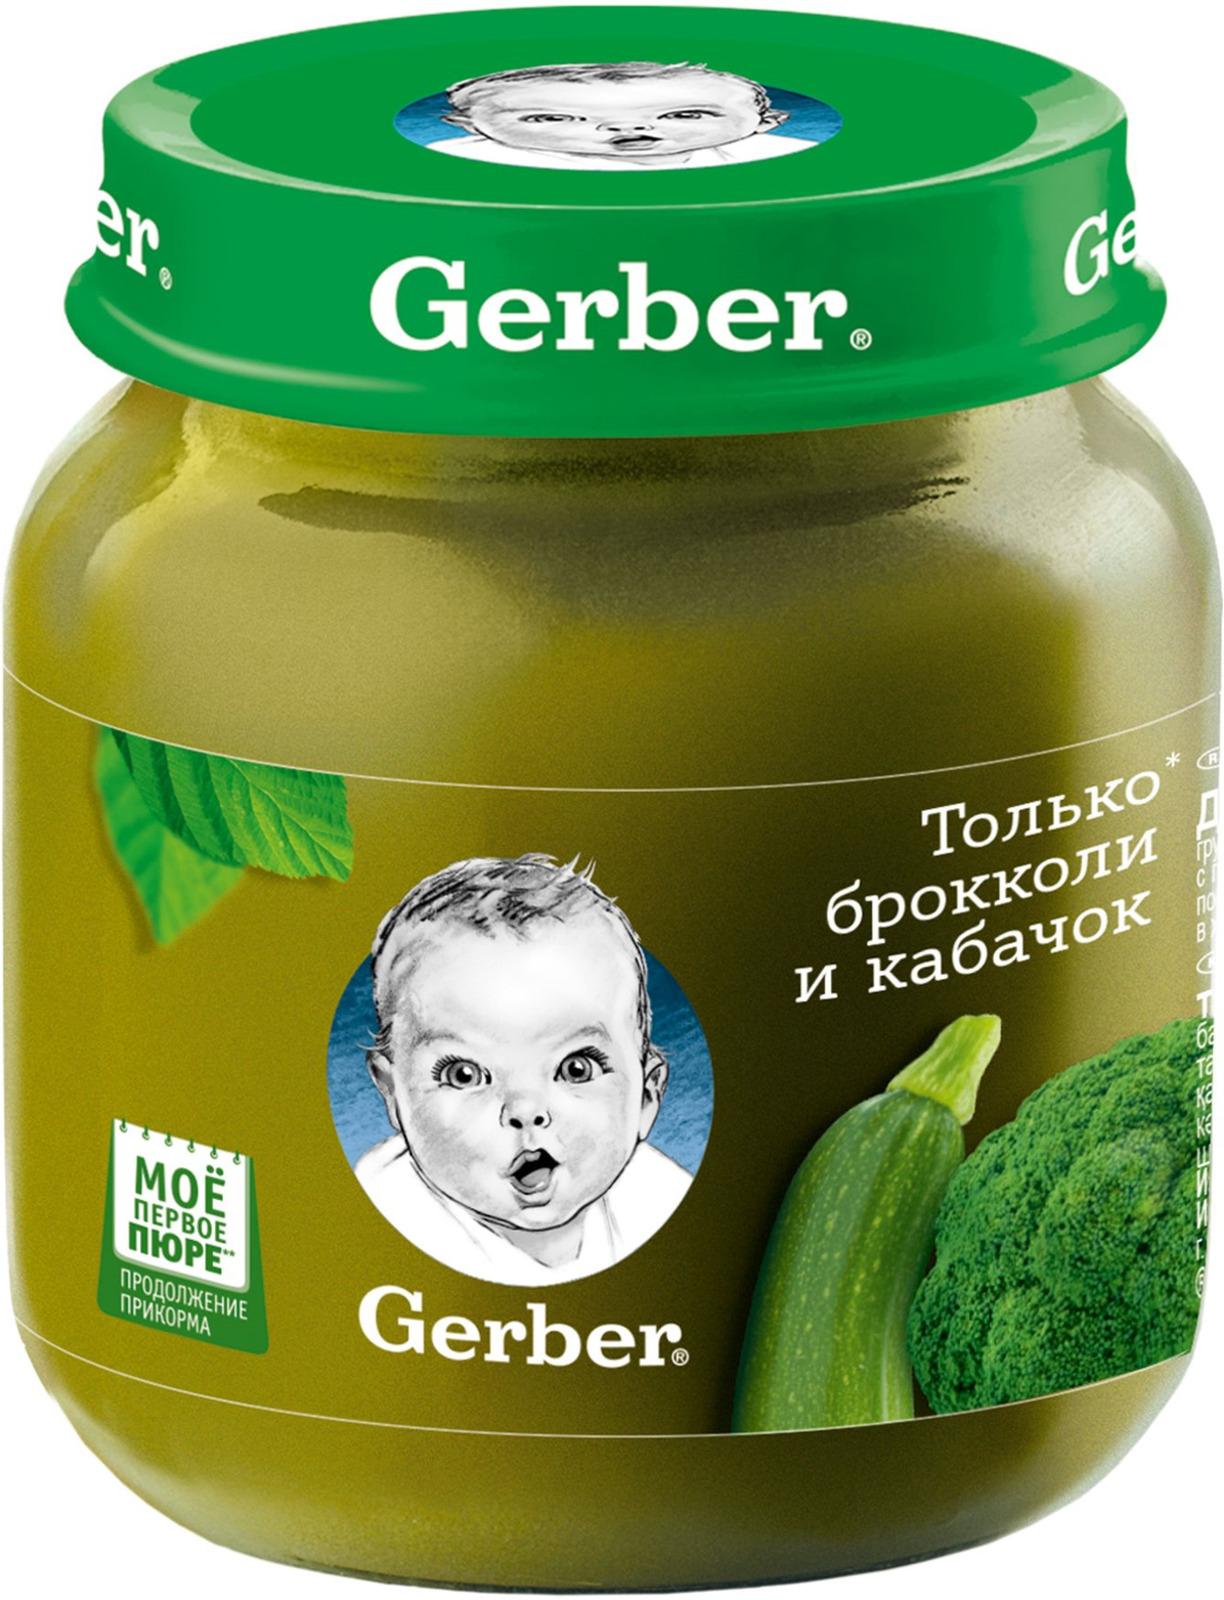 Gerber пюре брокколи, кабачок, 130 г пюре gerber organic тыква и сладкий картофель с 5 мес 125 г